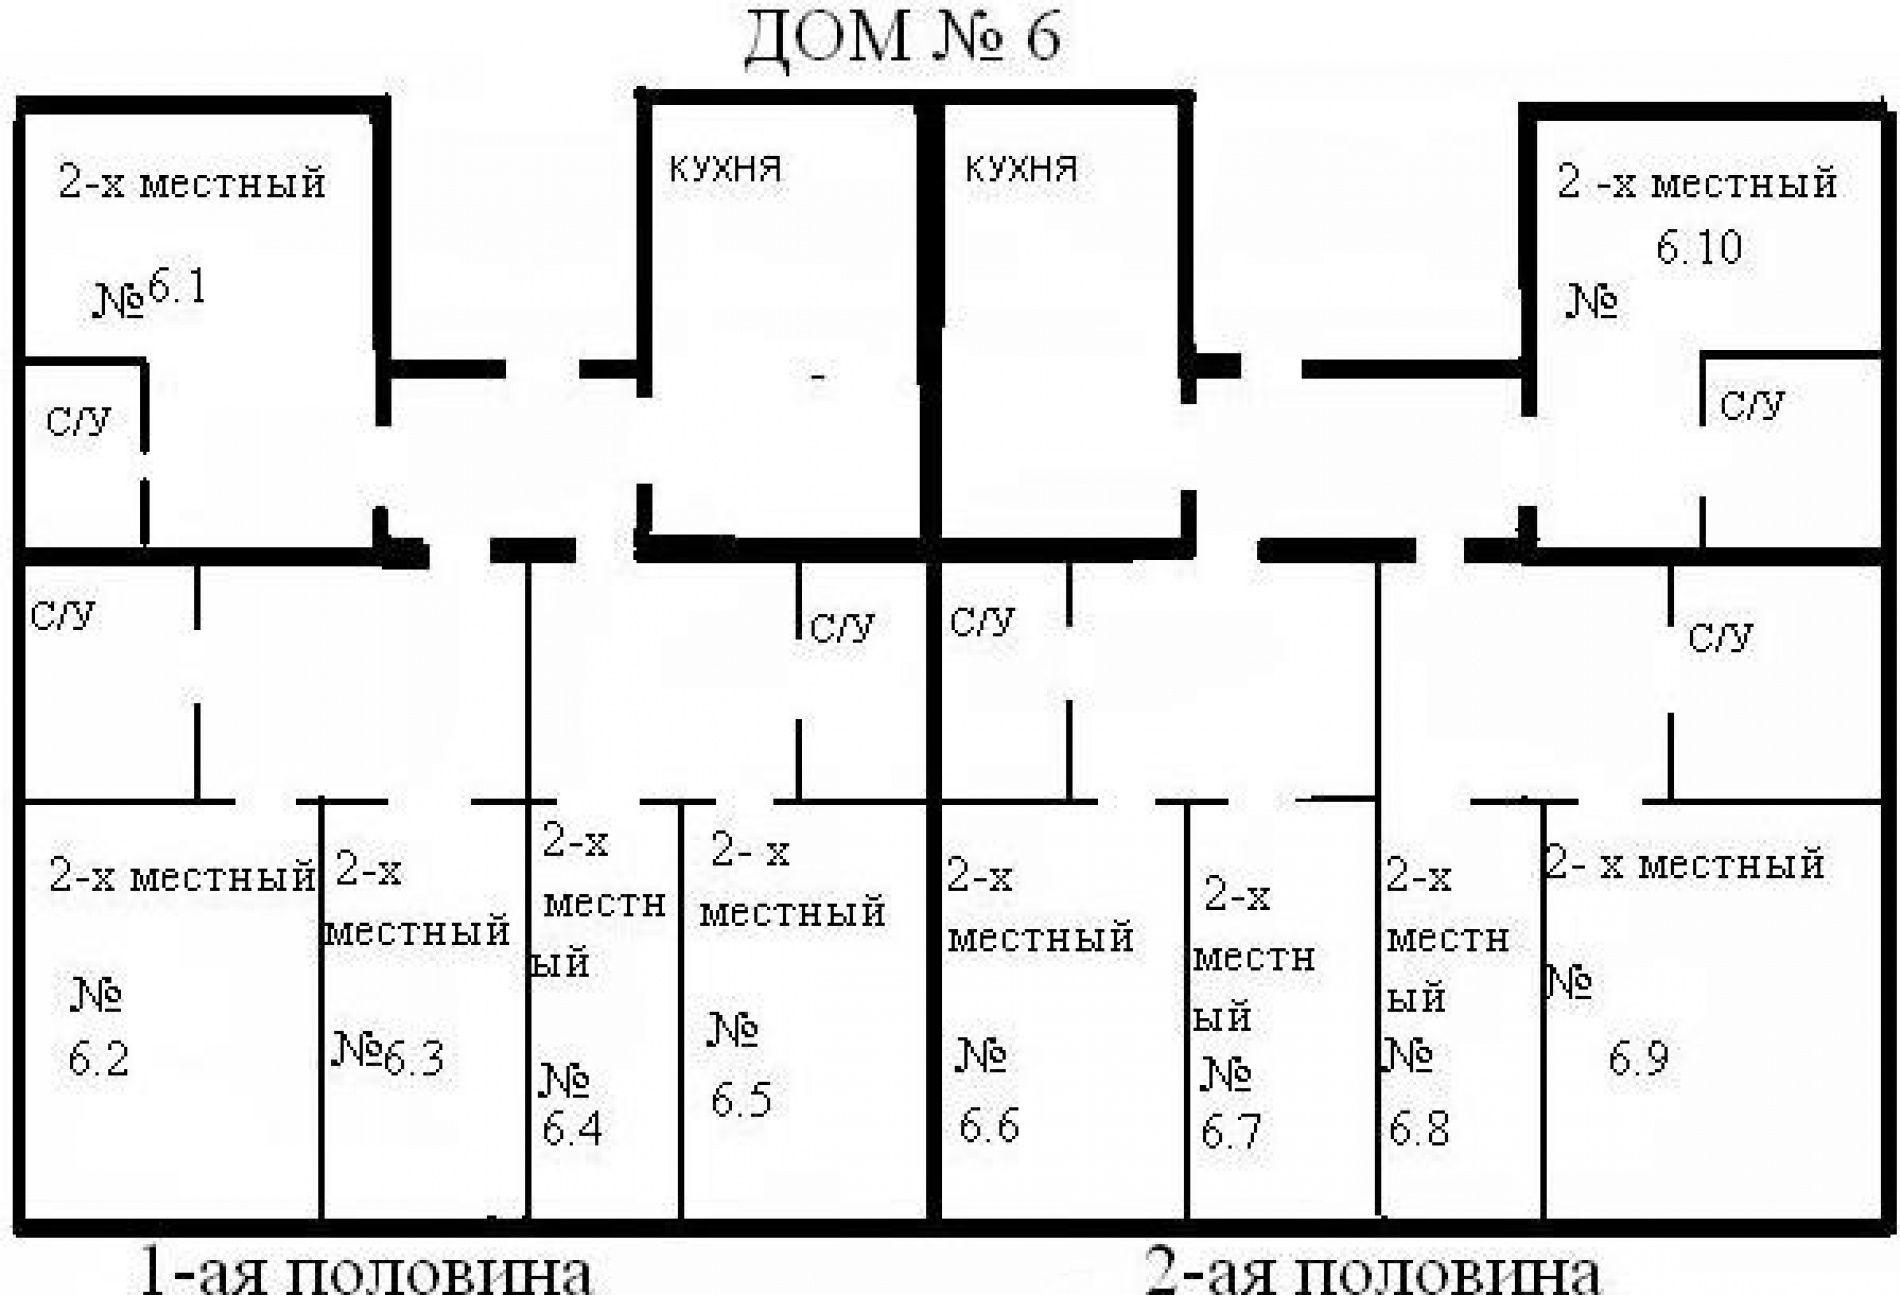 """База отдыха """"Каракан"""" Новосибирская область Доме №6 2-х местный номера (удобства на блок из 2-х комнат), фото 4"""